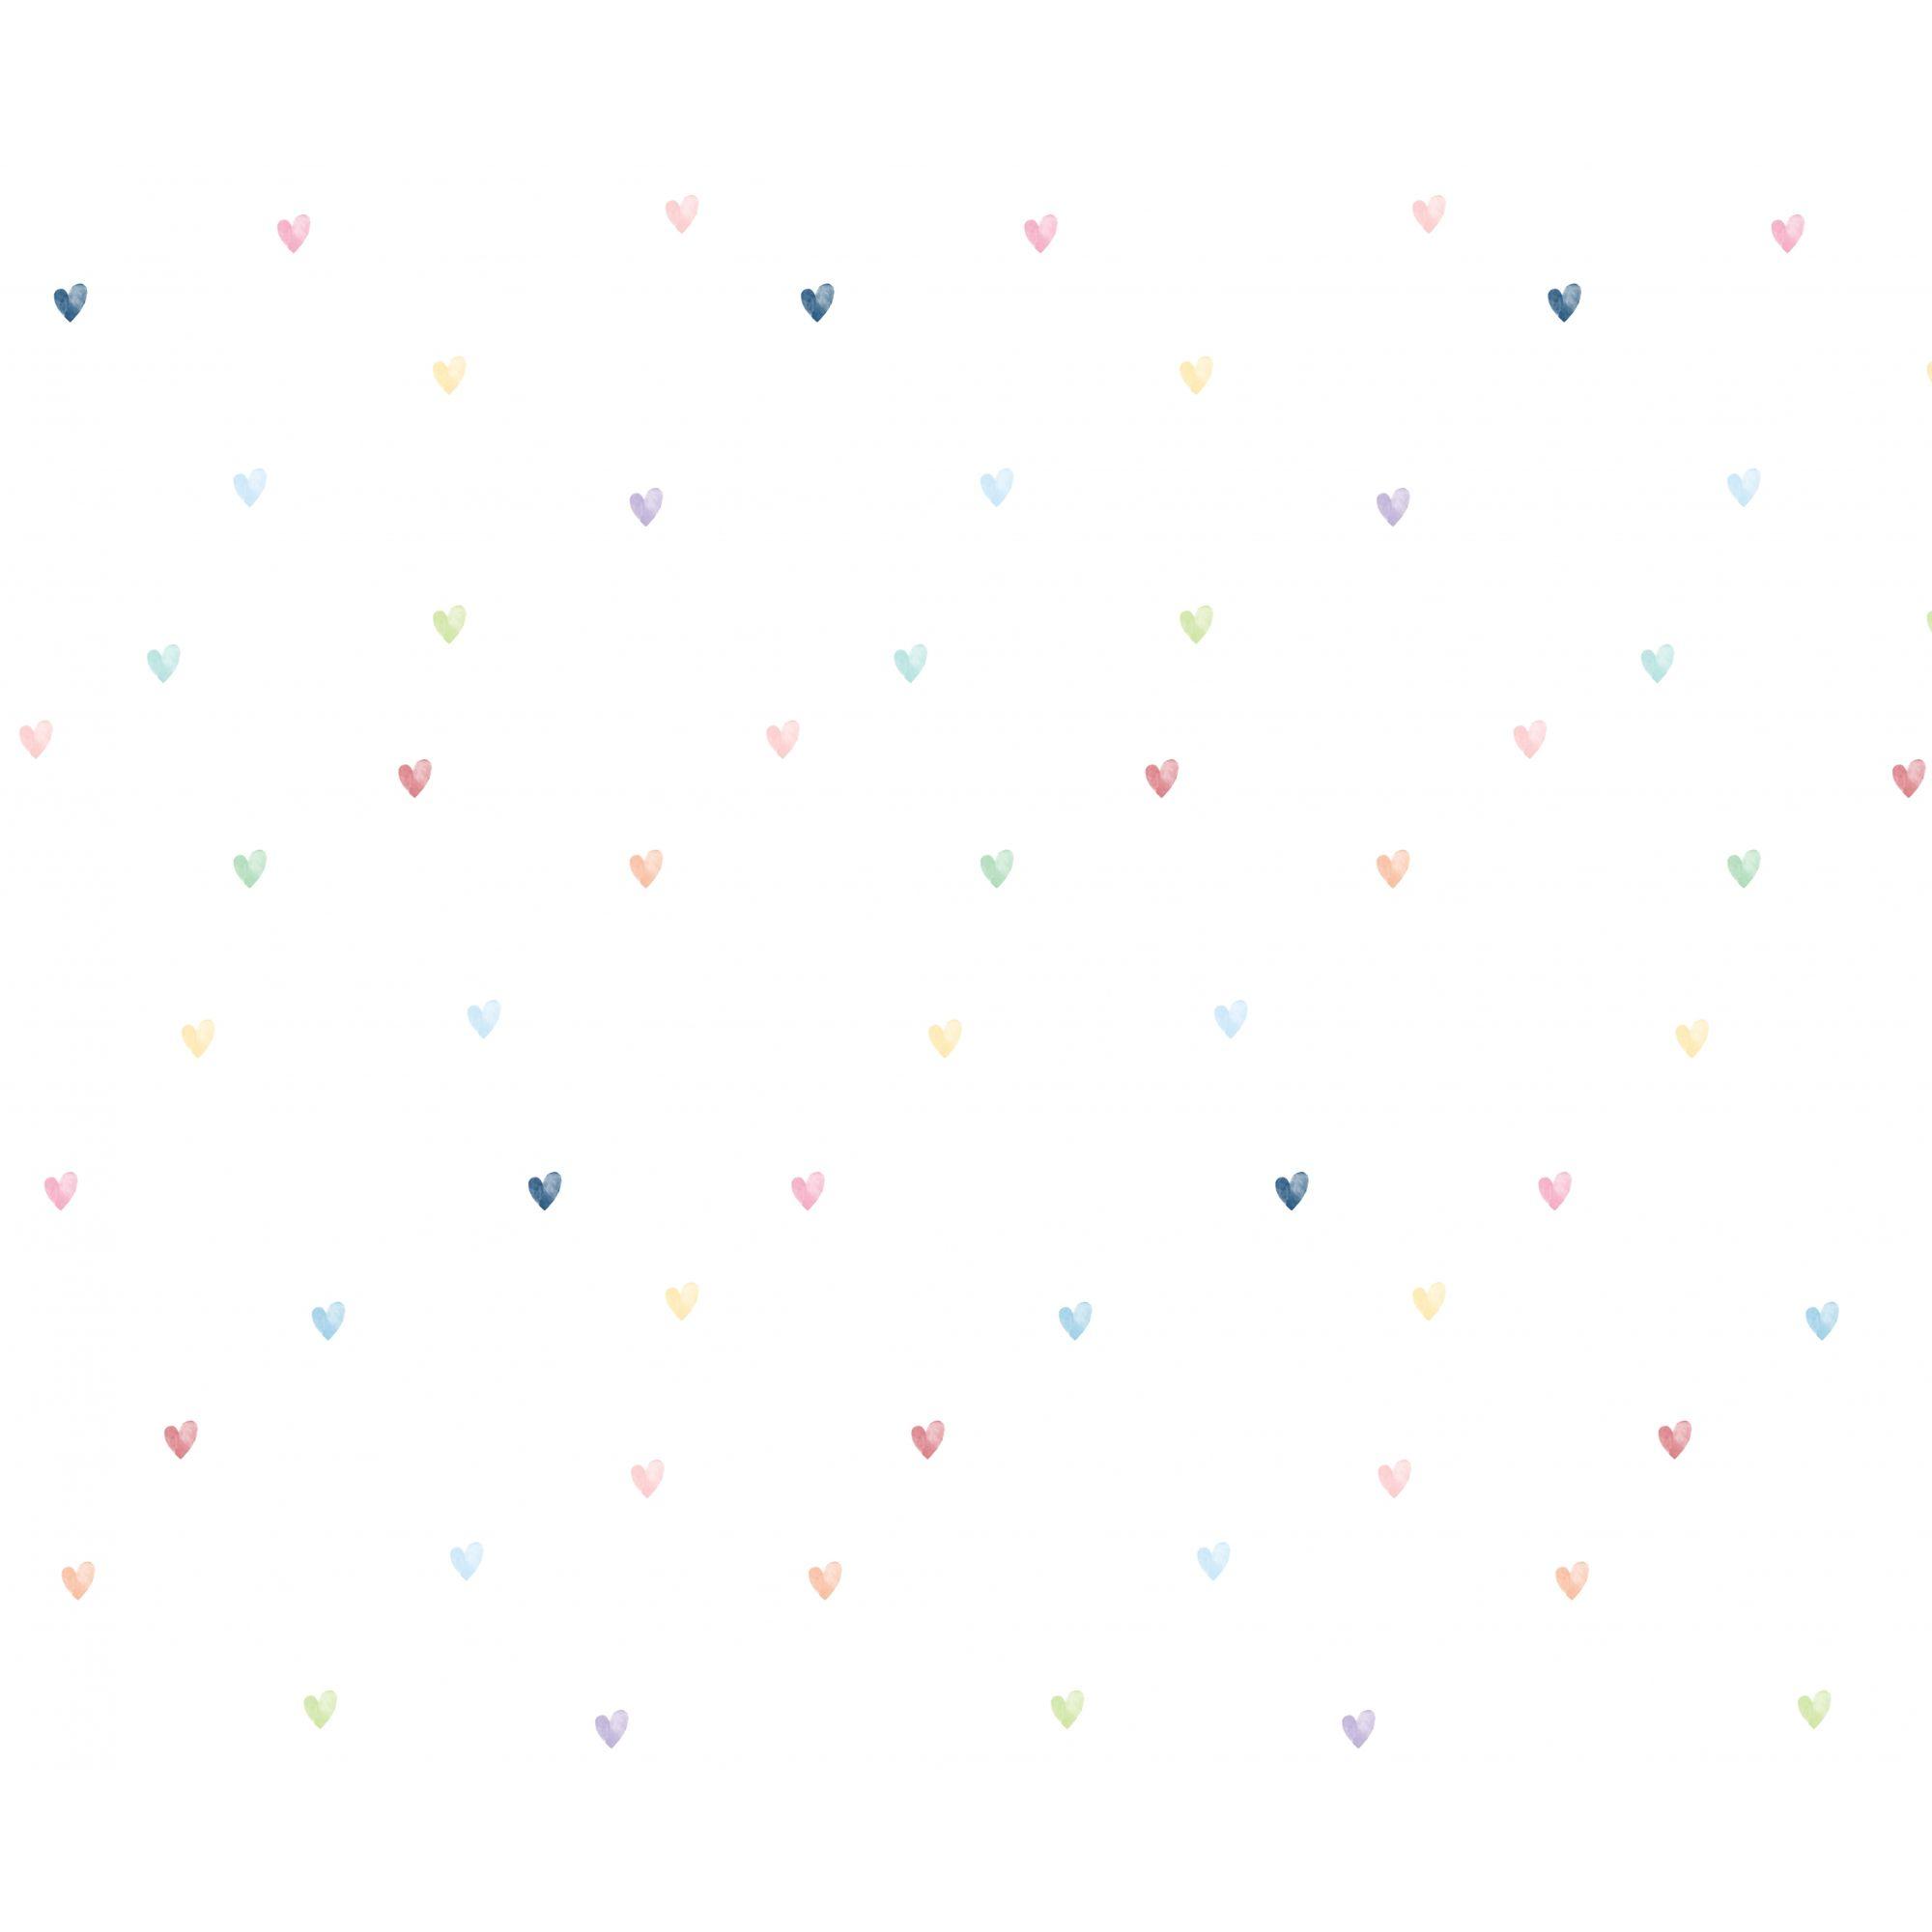 Papel de Parede corações Clau - Colorido  - Ideias de Mamãe